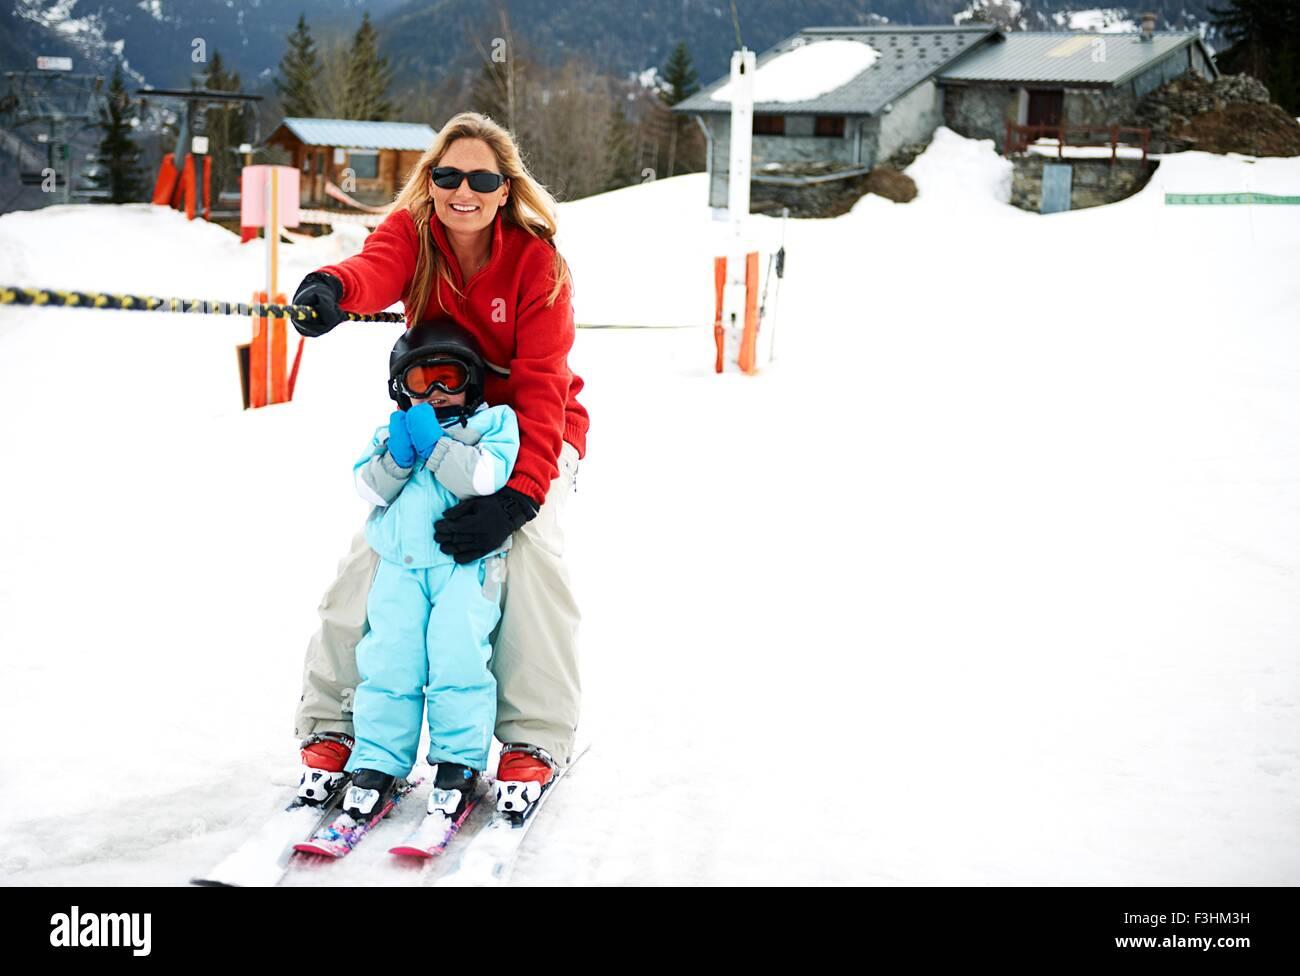 Männliche Kleinkind vor Mutter weiter Ski Seil, Les Arcs, Villaroger, Savoie, Frankreich Stockbild